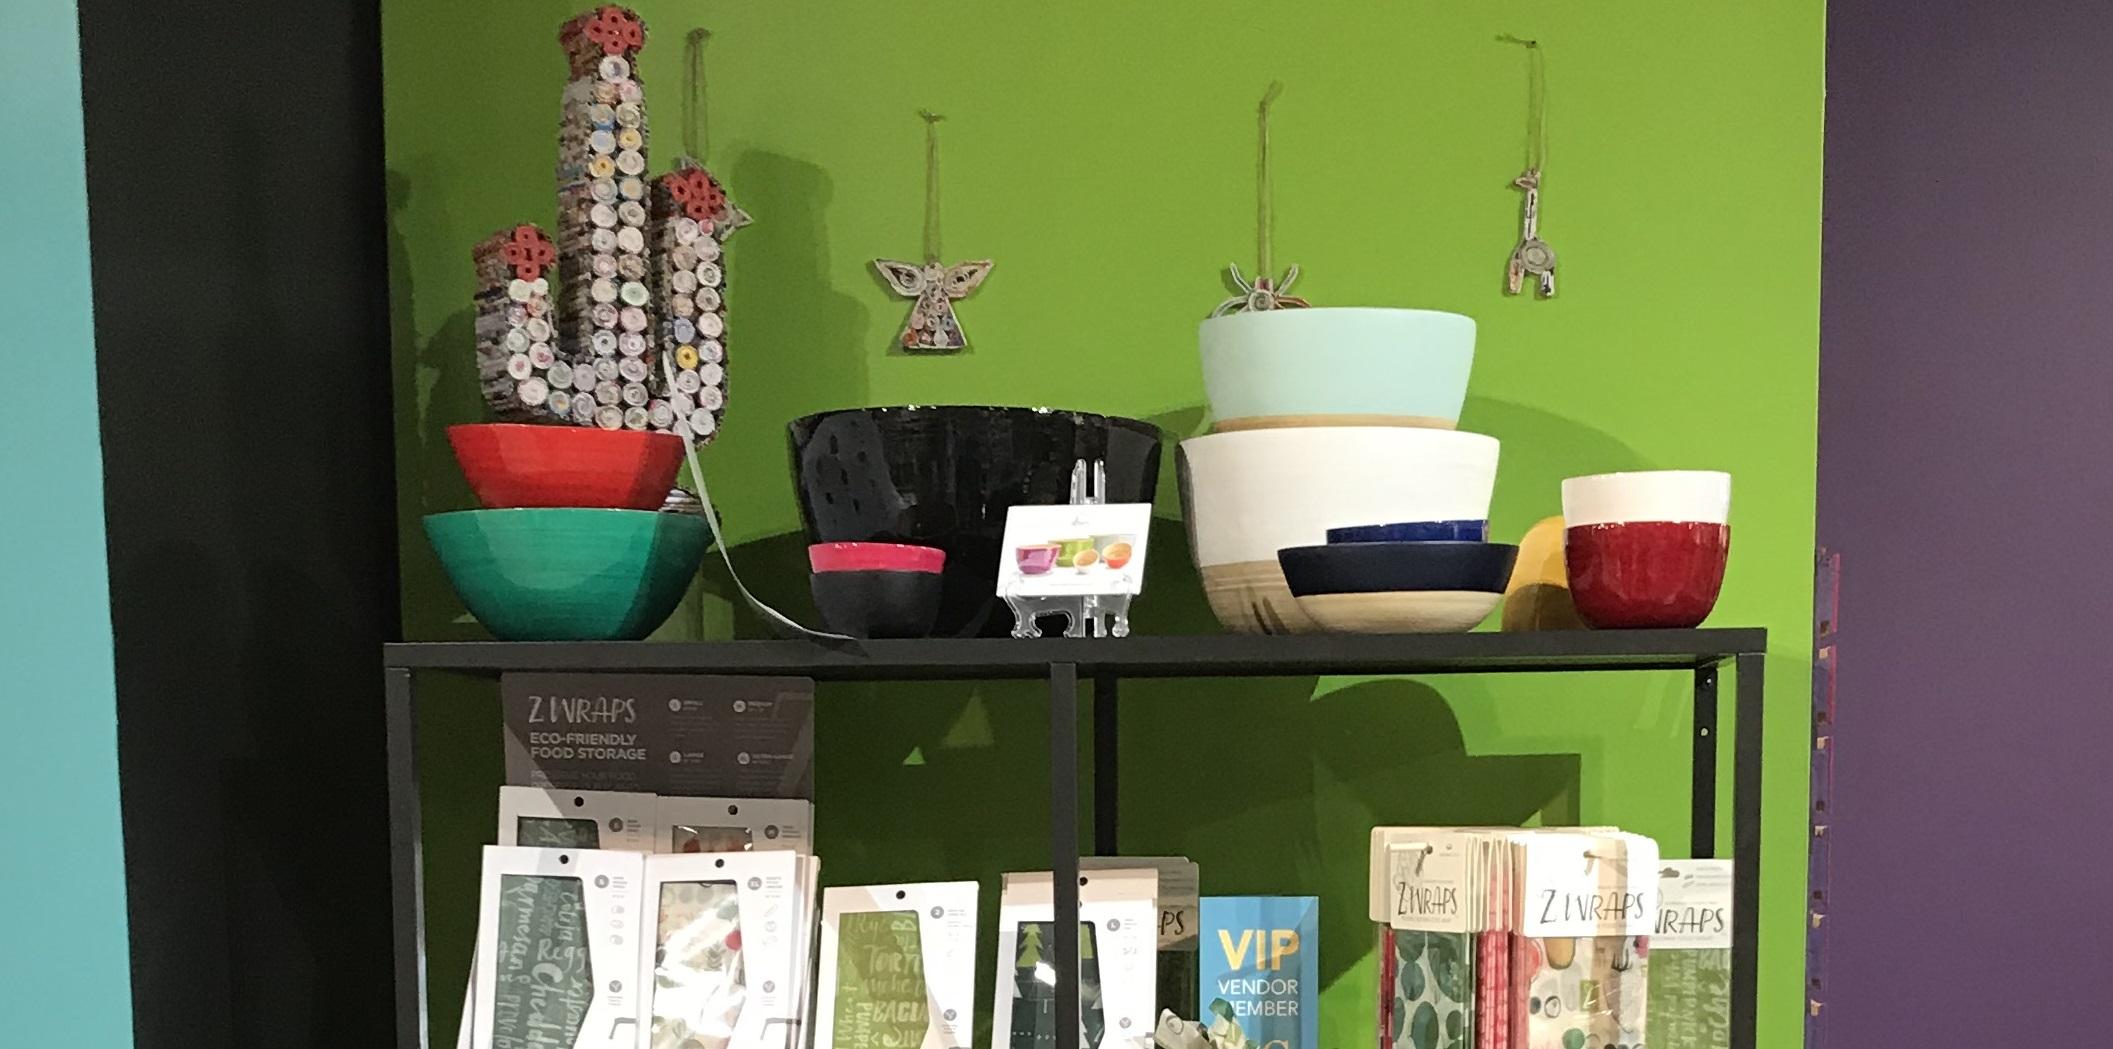 Shelf q1